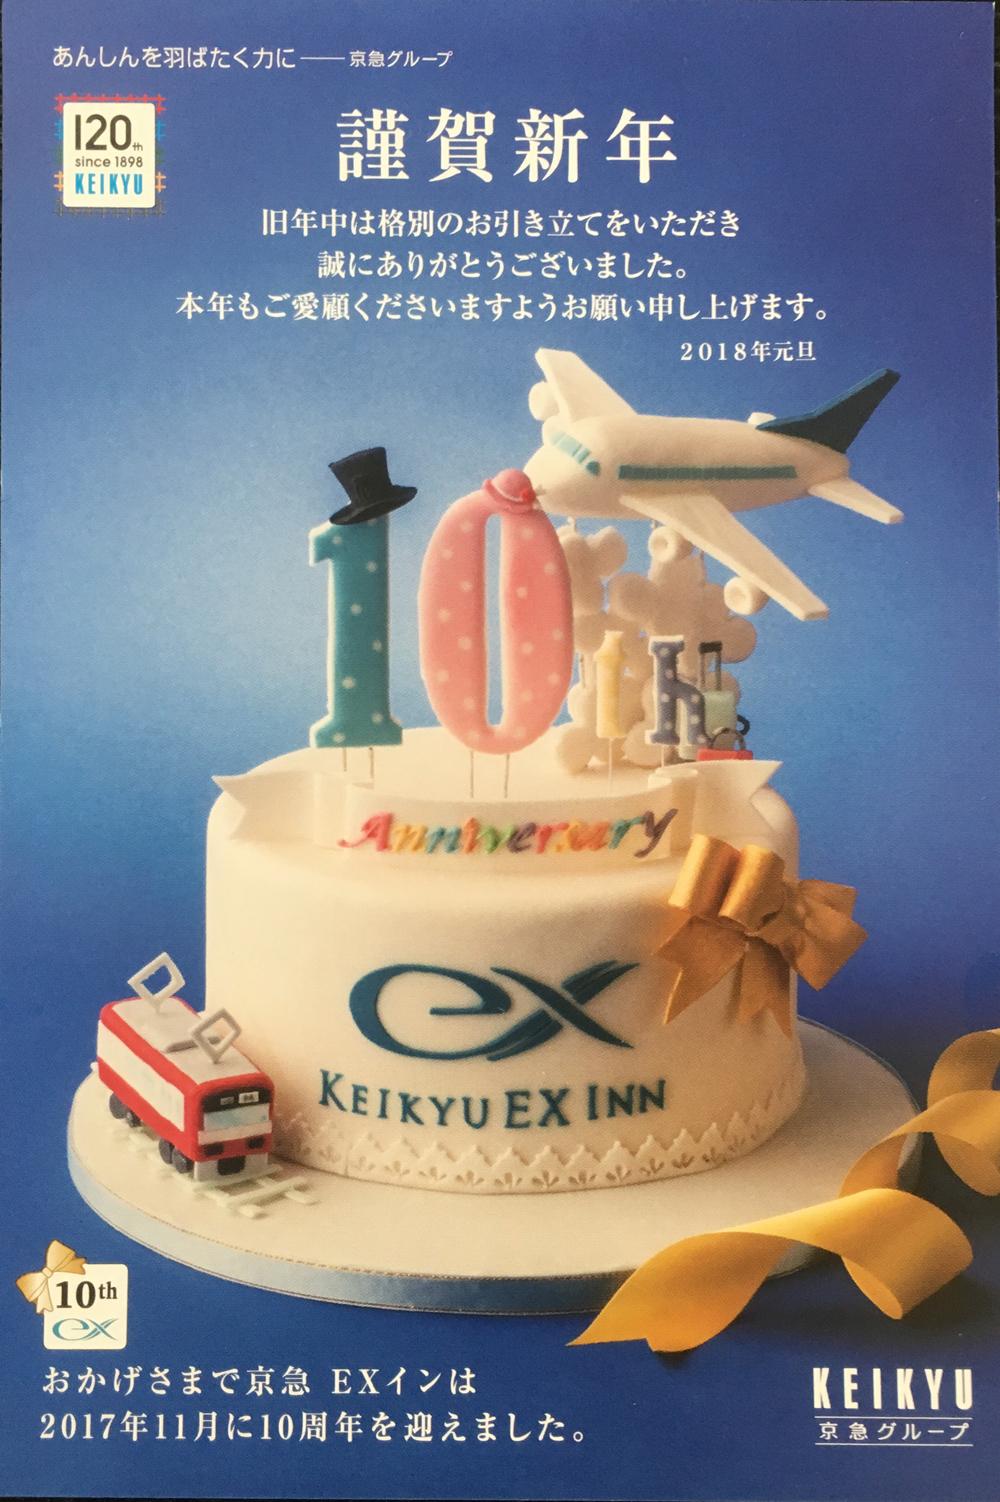 京急EX INN10周年記念ケーキを制作